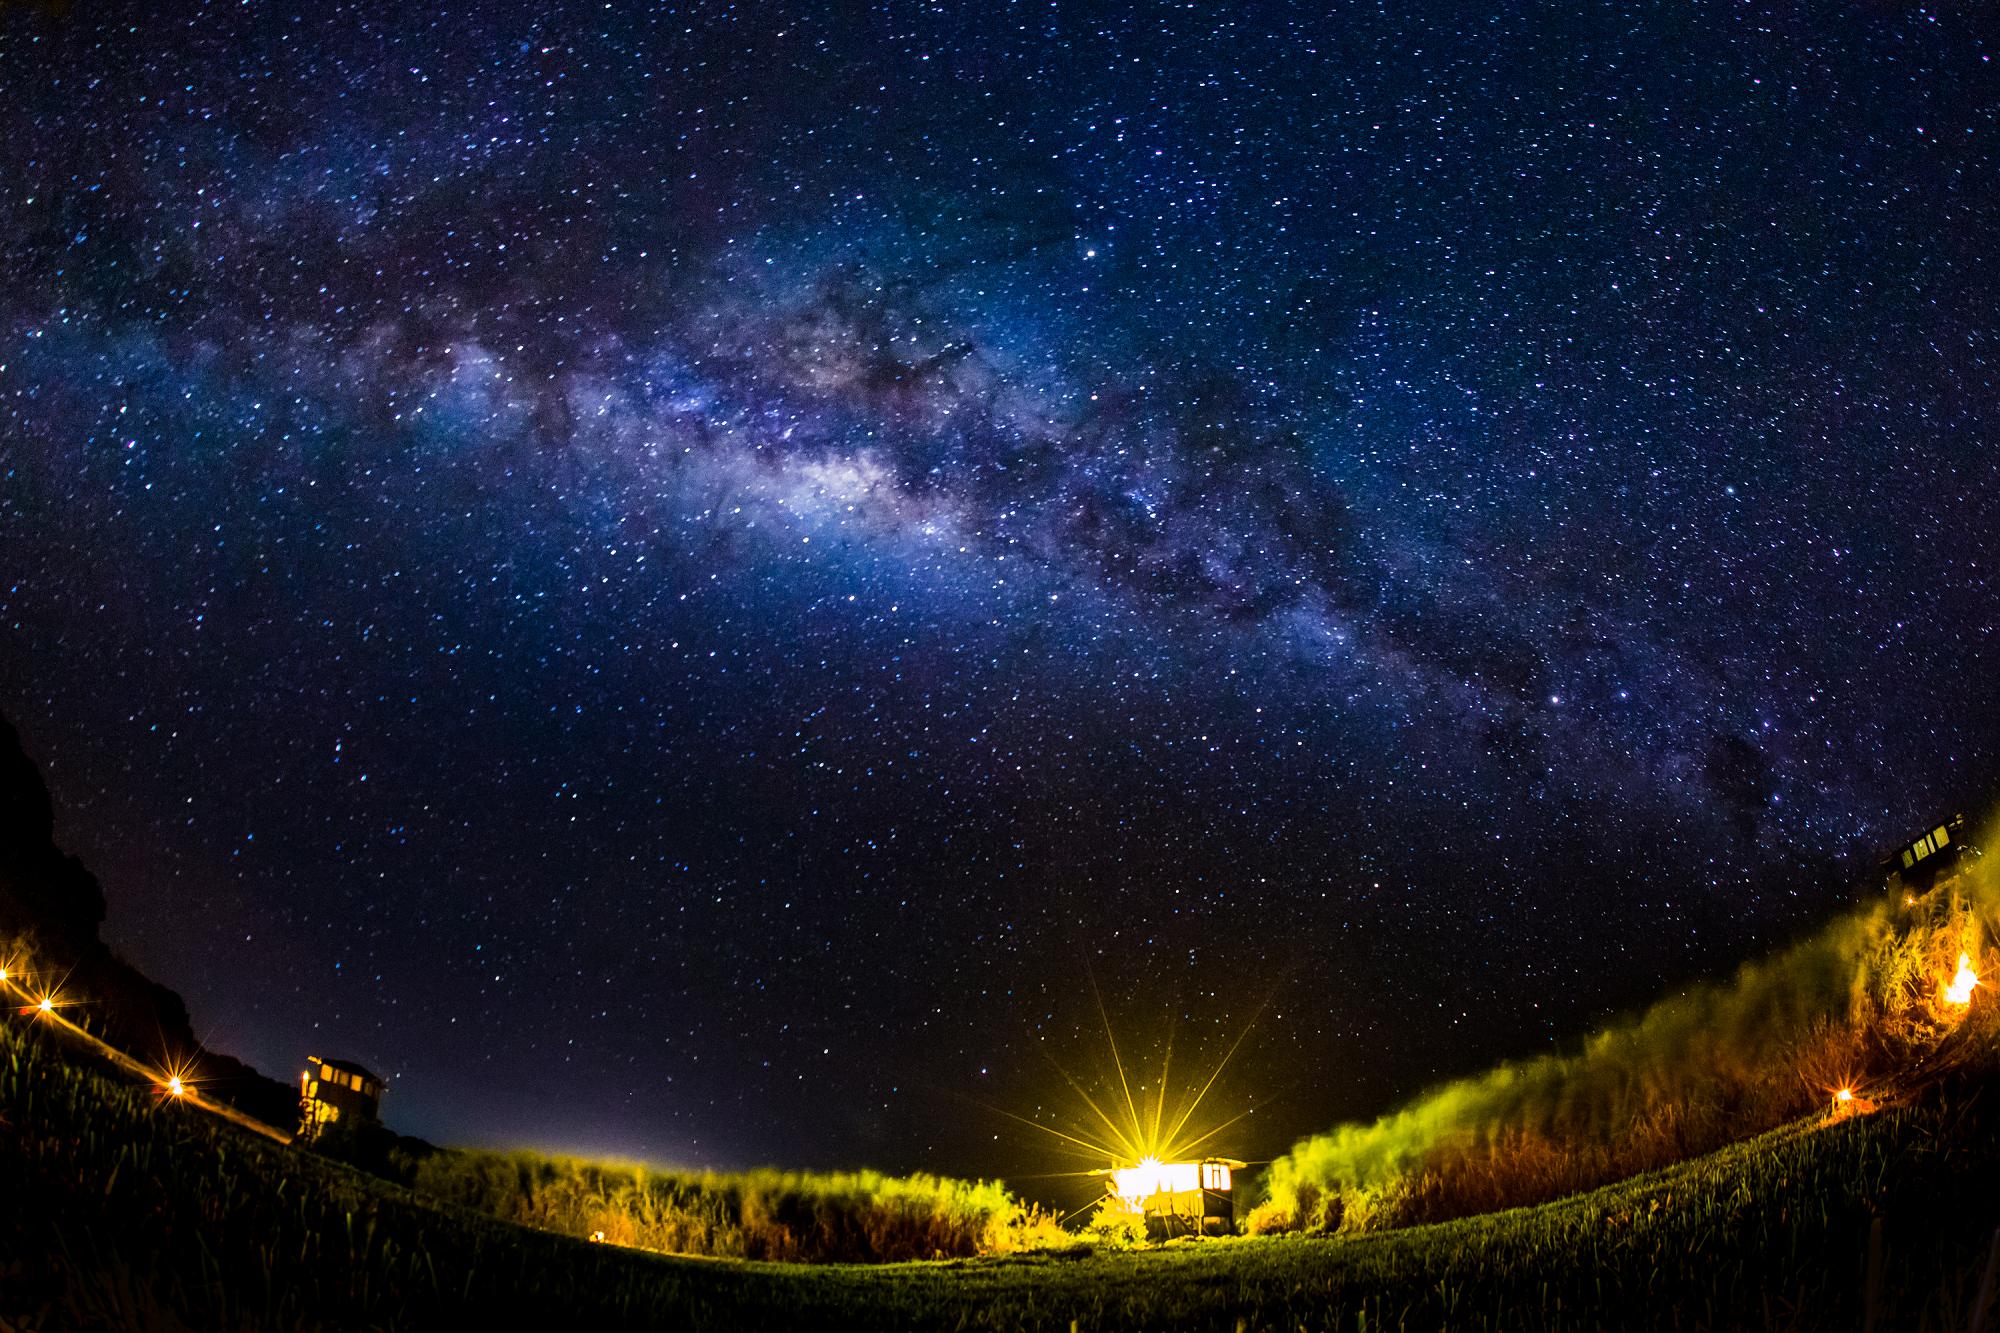 Ночь фотографии в хорошем качестве